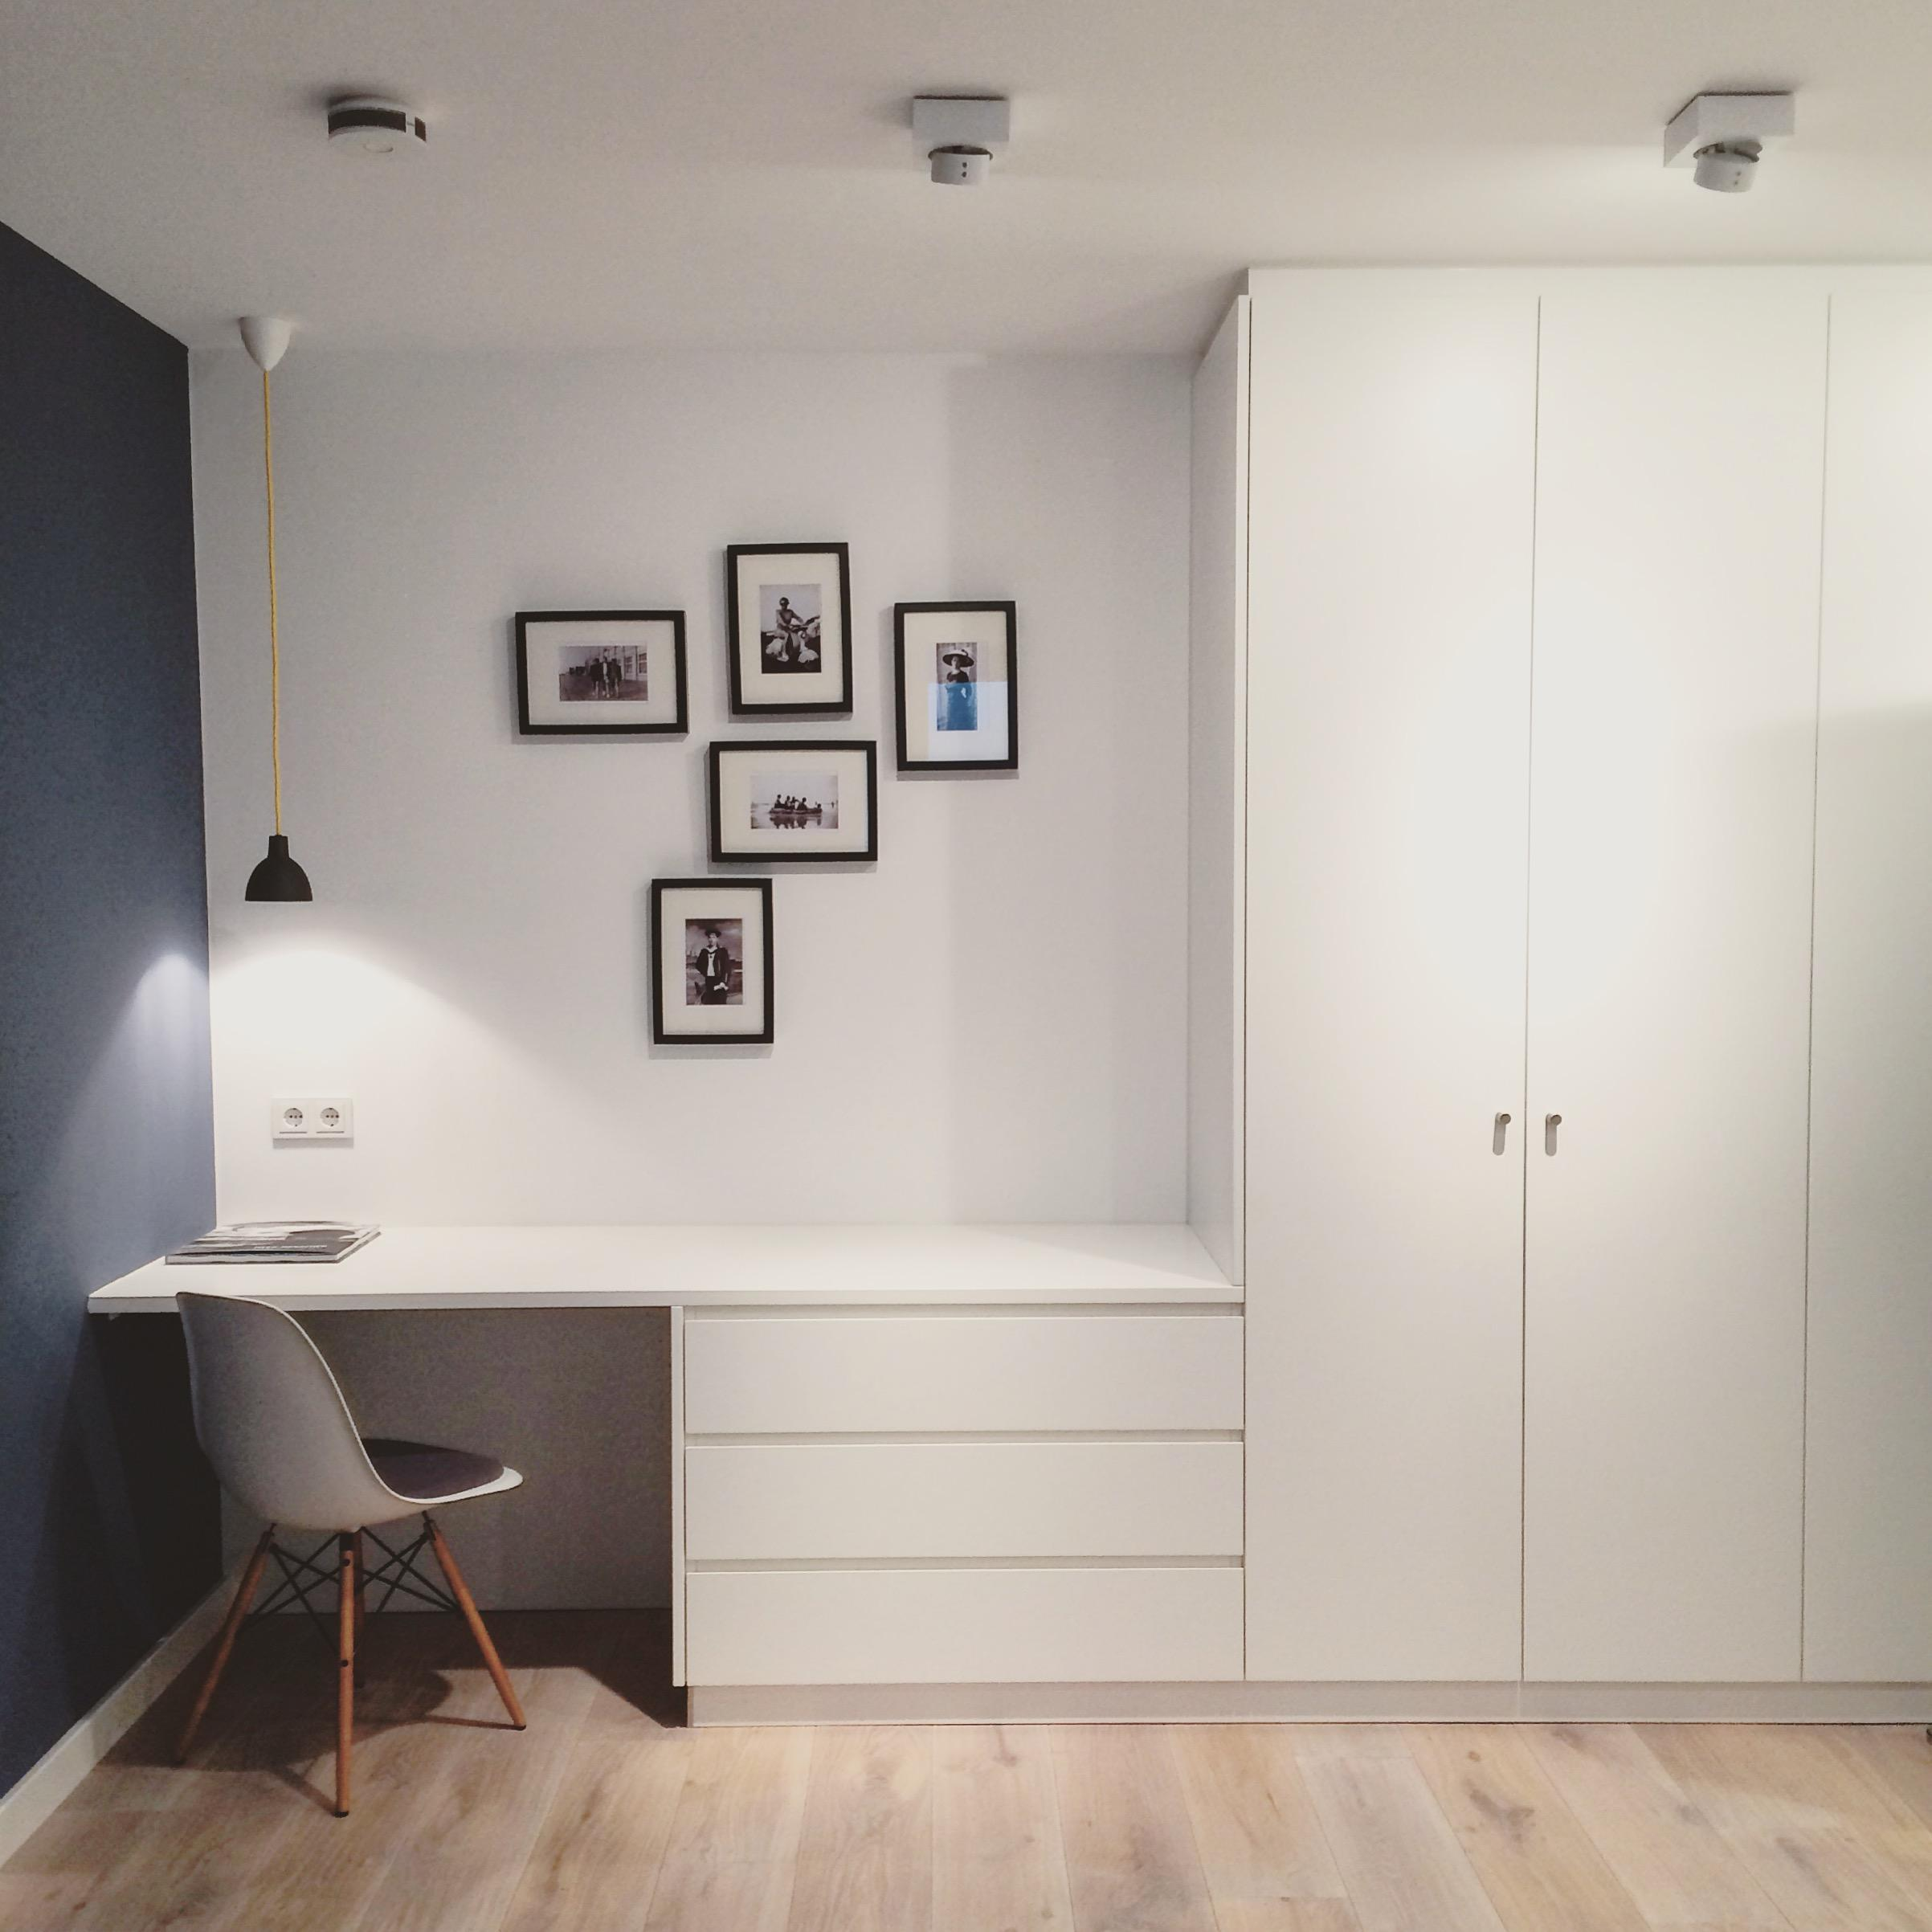 Schon #kleinerschreibtisch #blauweißesschlafzimmer #minimalistischerschreibtisch  #gallerywall #arbeitszimmerfarben